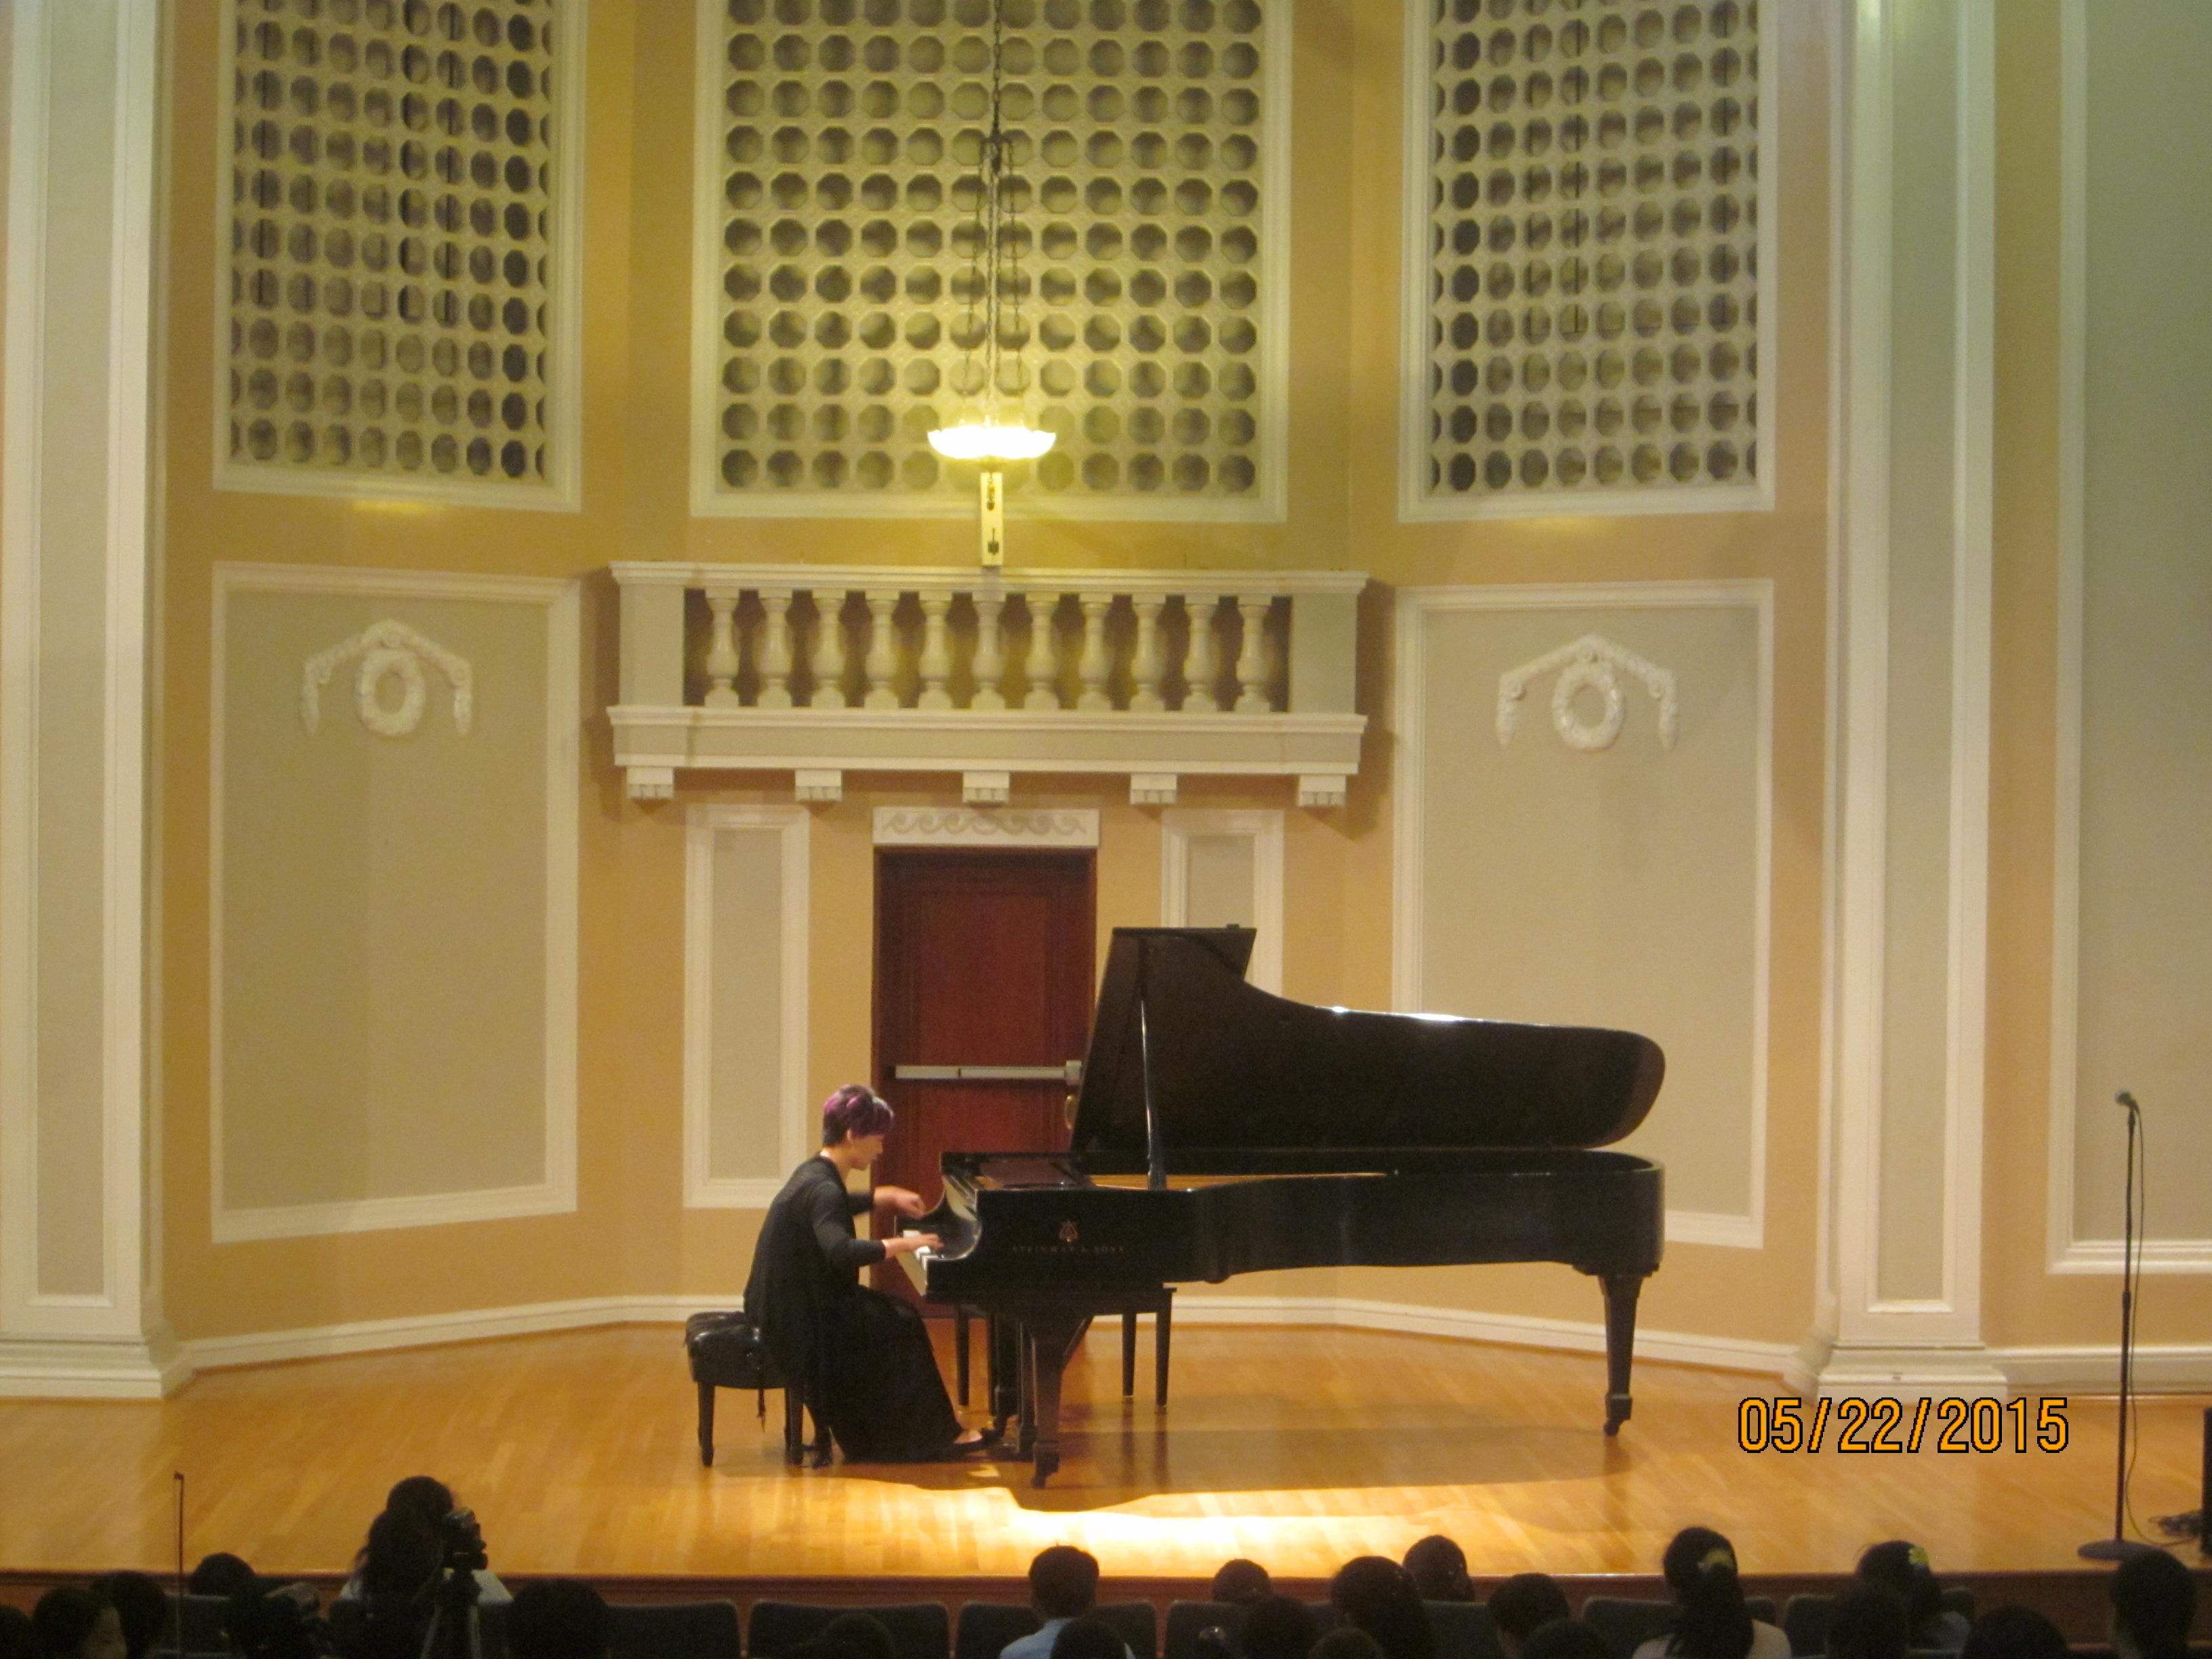 pma-alumni-performs-at-studio-recital_28339185231_o